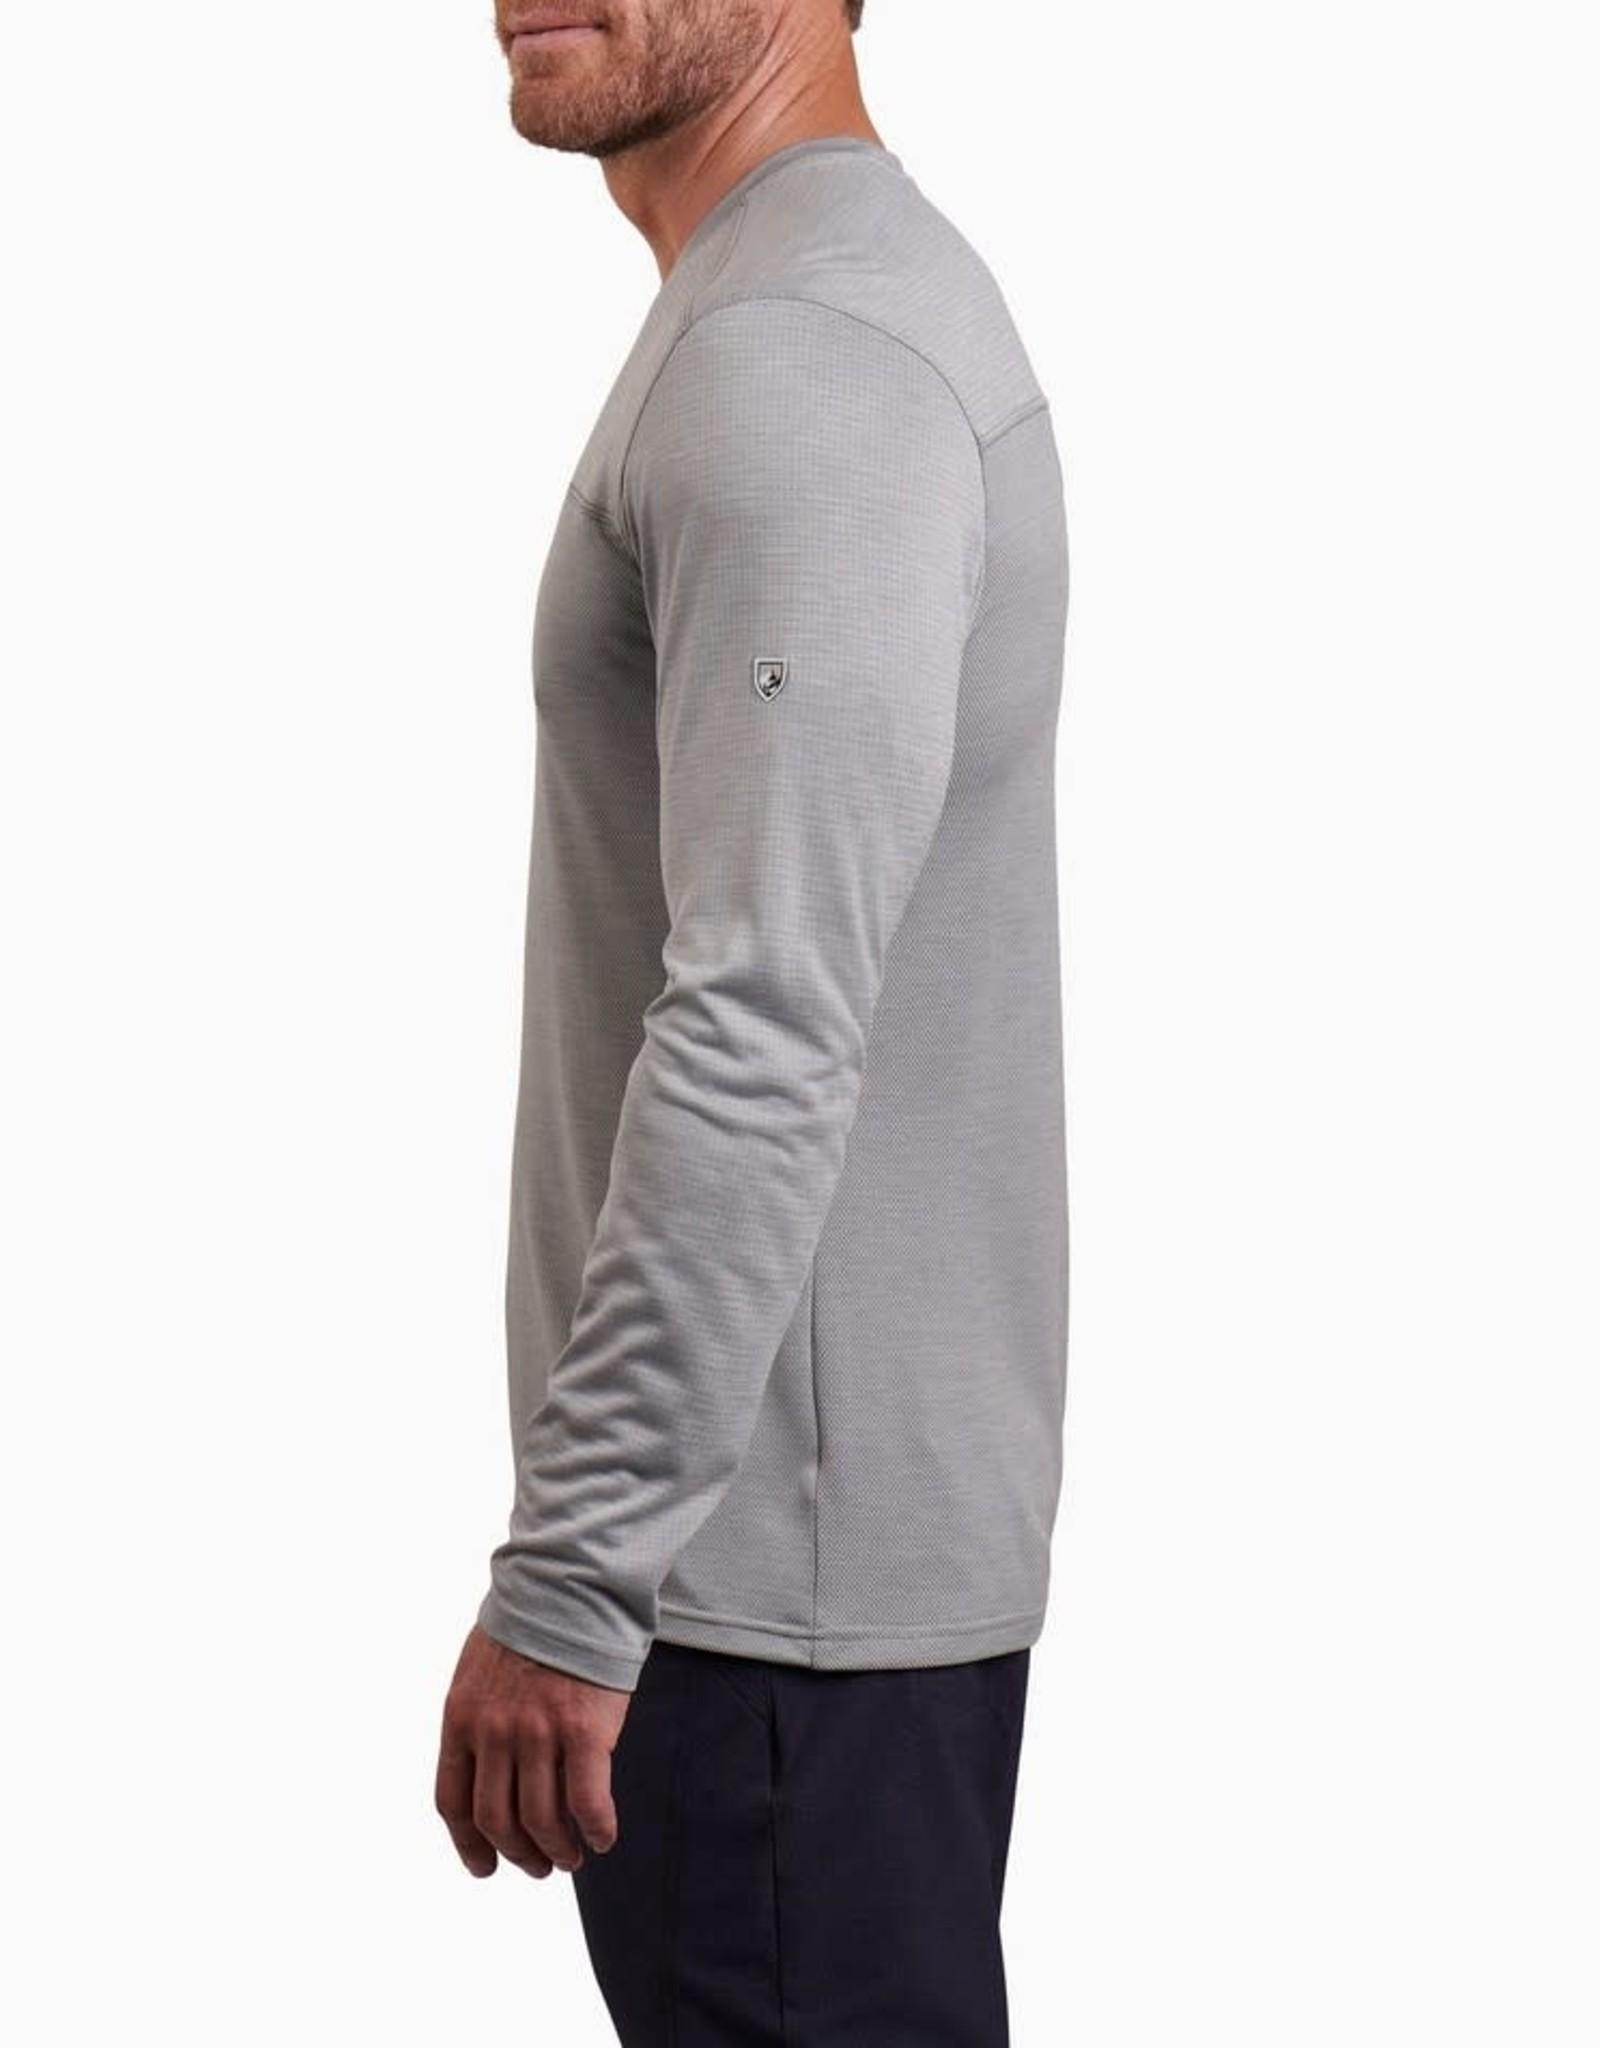 Kuhl Aktiv Engineered long sleeve